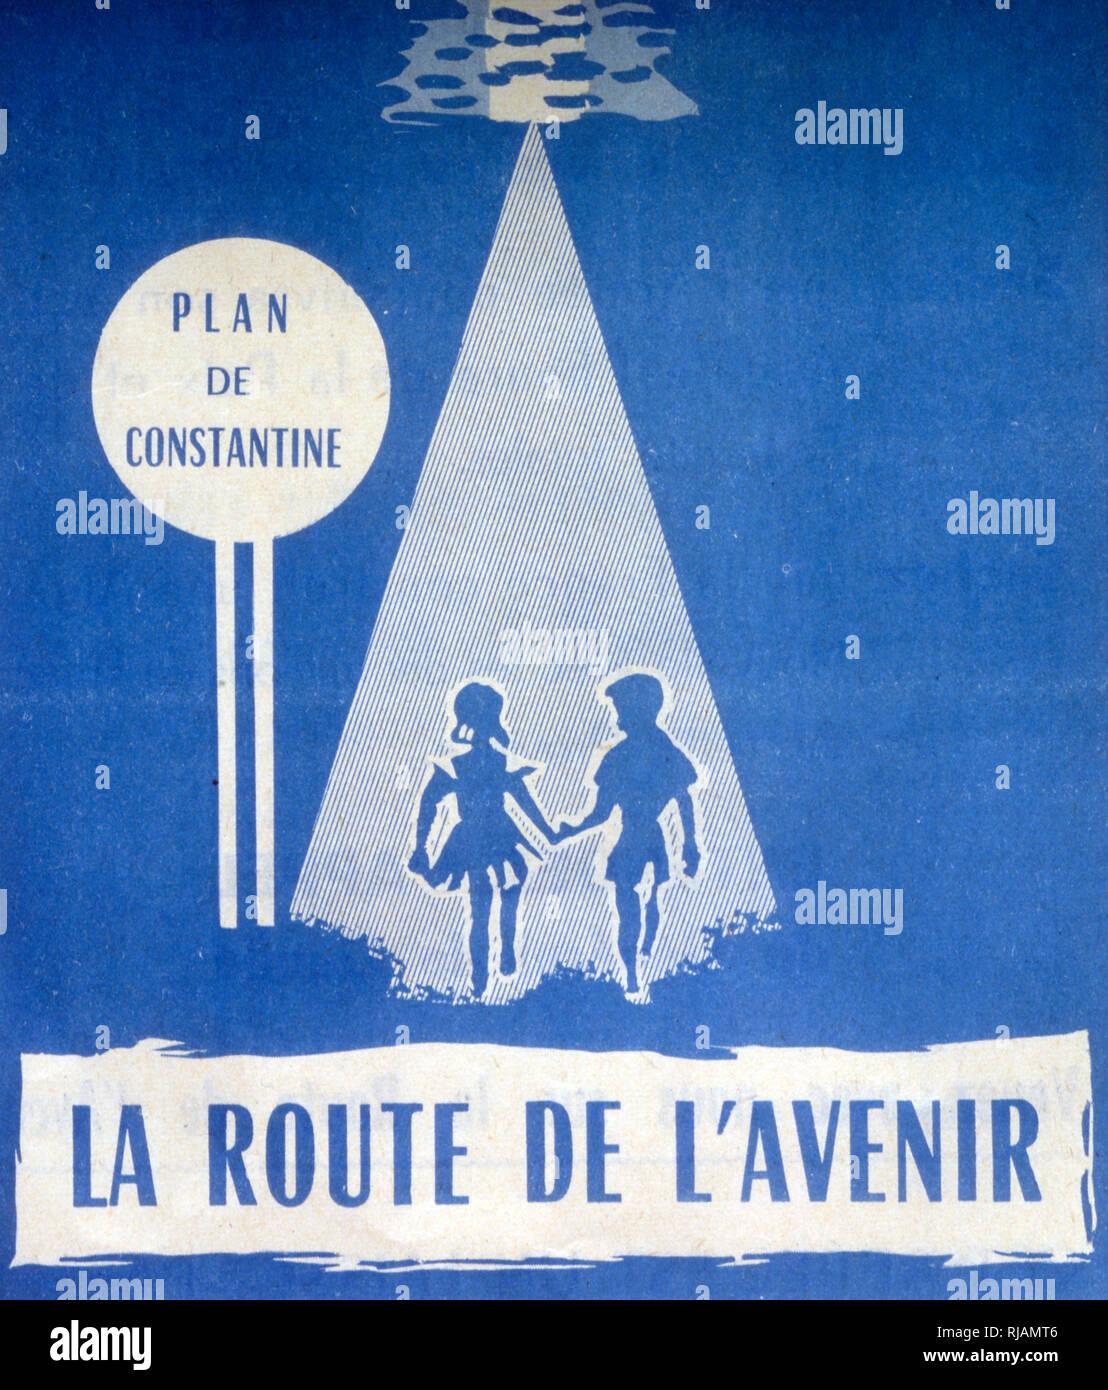 Affiche de propagande concernant le Plan de Constantine en 1958. Le Plan de développement économique et social en Algérie ou le plan de Constantine (1959-1963) était un programme économique mis au point par le gouvernement français en 1958 à la hauteur de la guerre d'Algérie après que le général De Gaulle est arrivé au pouvoir. a annoncé publiquement son lancement dans un discours à la Préfecture de Constantine, le 3 octobre 1958. Visant au développement de toutes les ressources de l'Algérie, ce plan était destiné également à l'affaiblissement politique du FLN Photo Stock